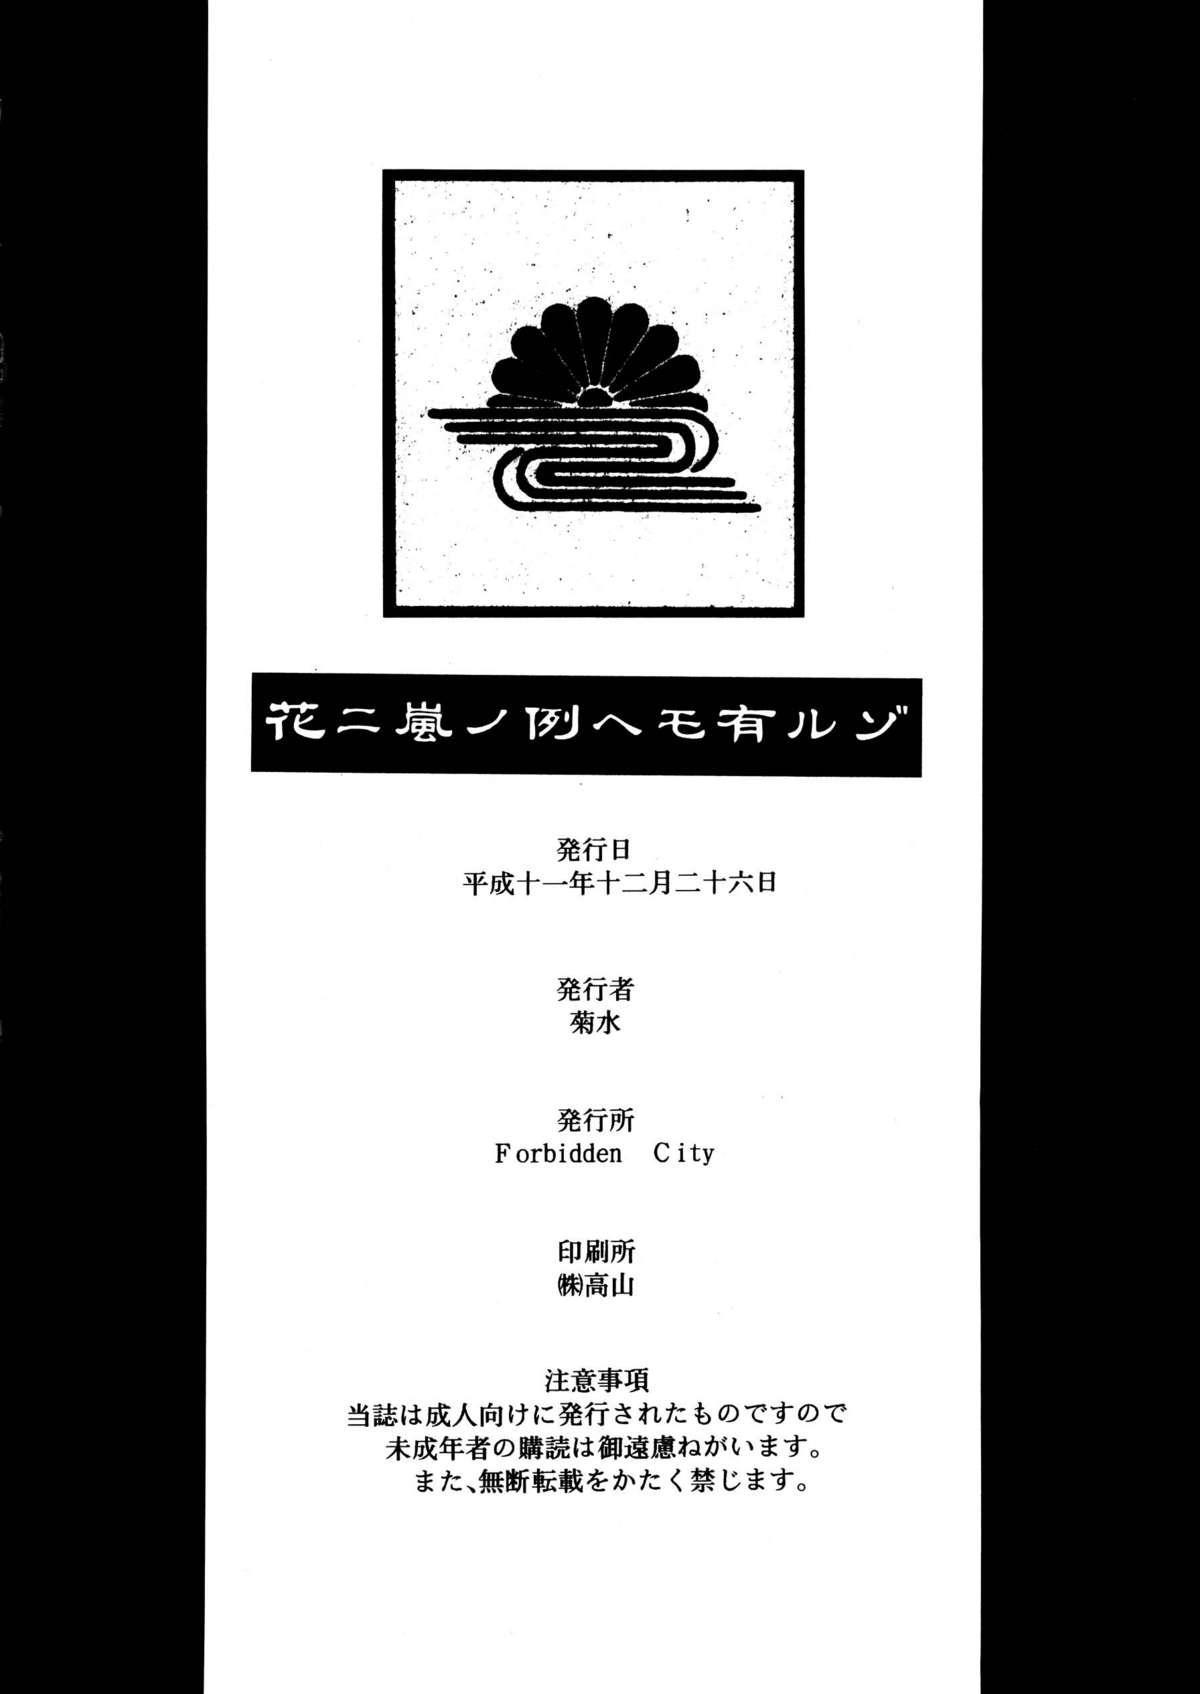 Hana ni Arashi no Tatoe mo Aruzo 38